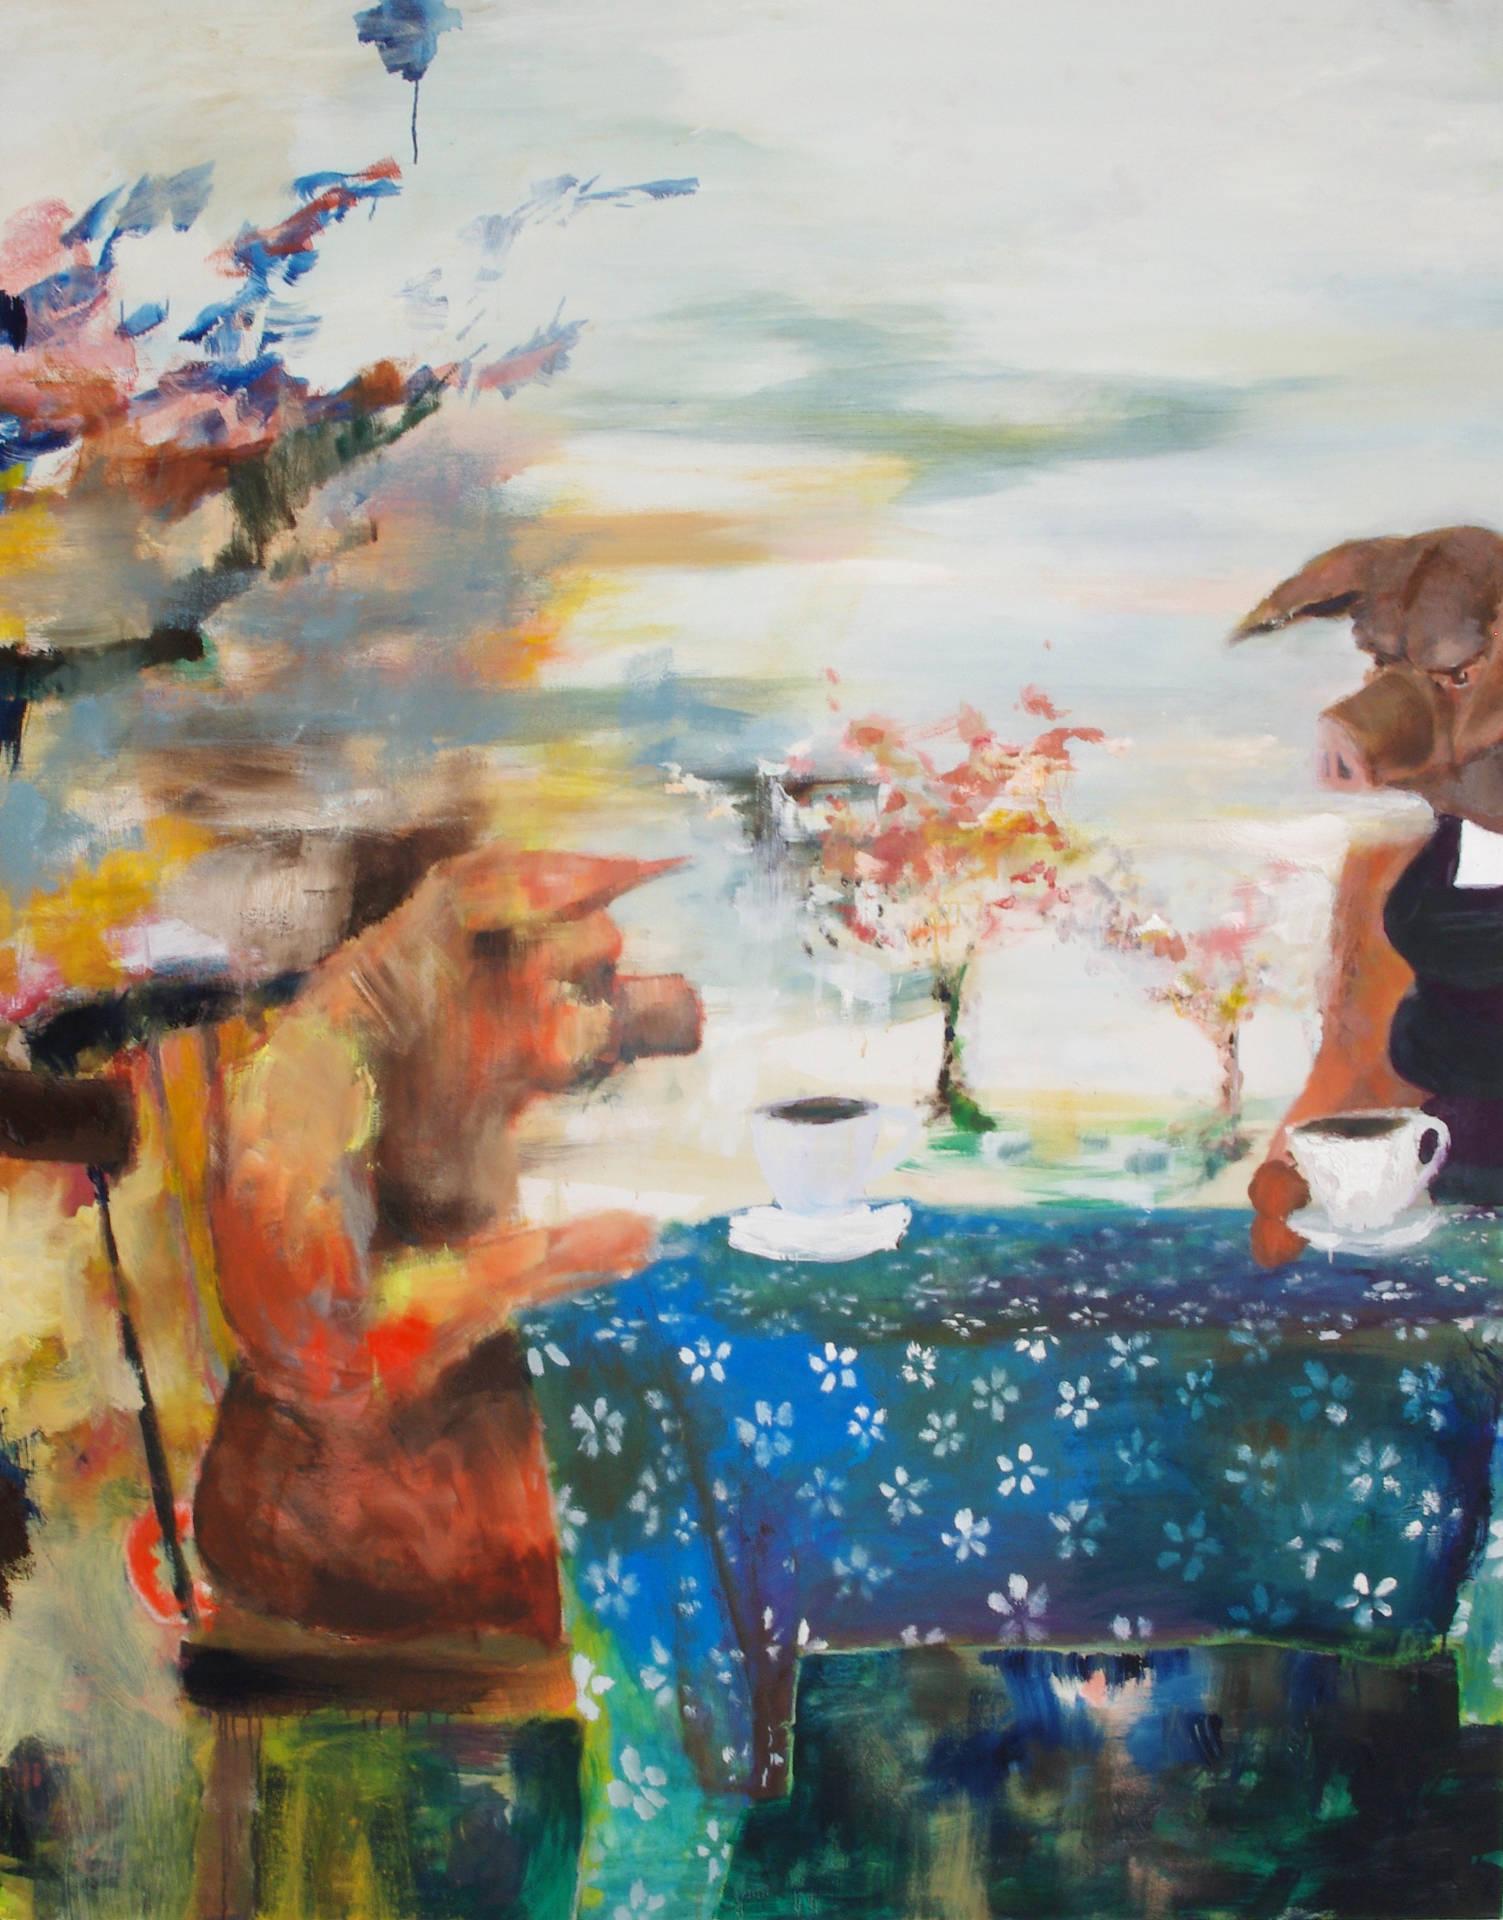 Bei Tante (at auntie's) by Jonas Hofrichter, 2012. 185 x 145 cm